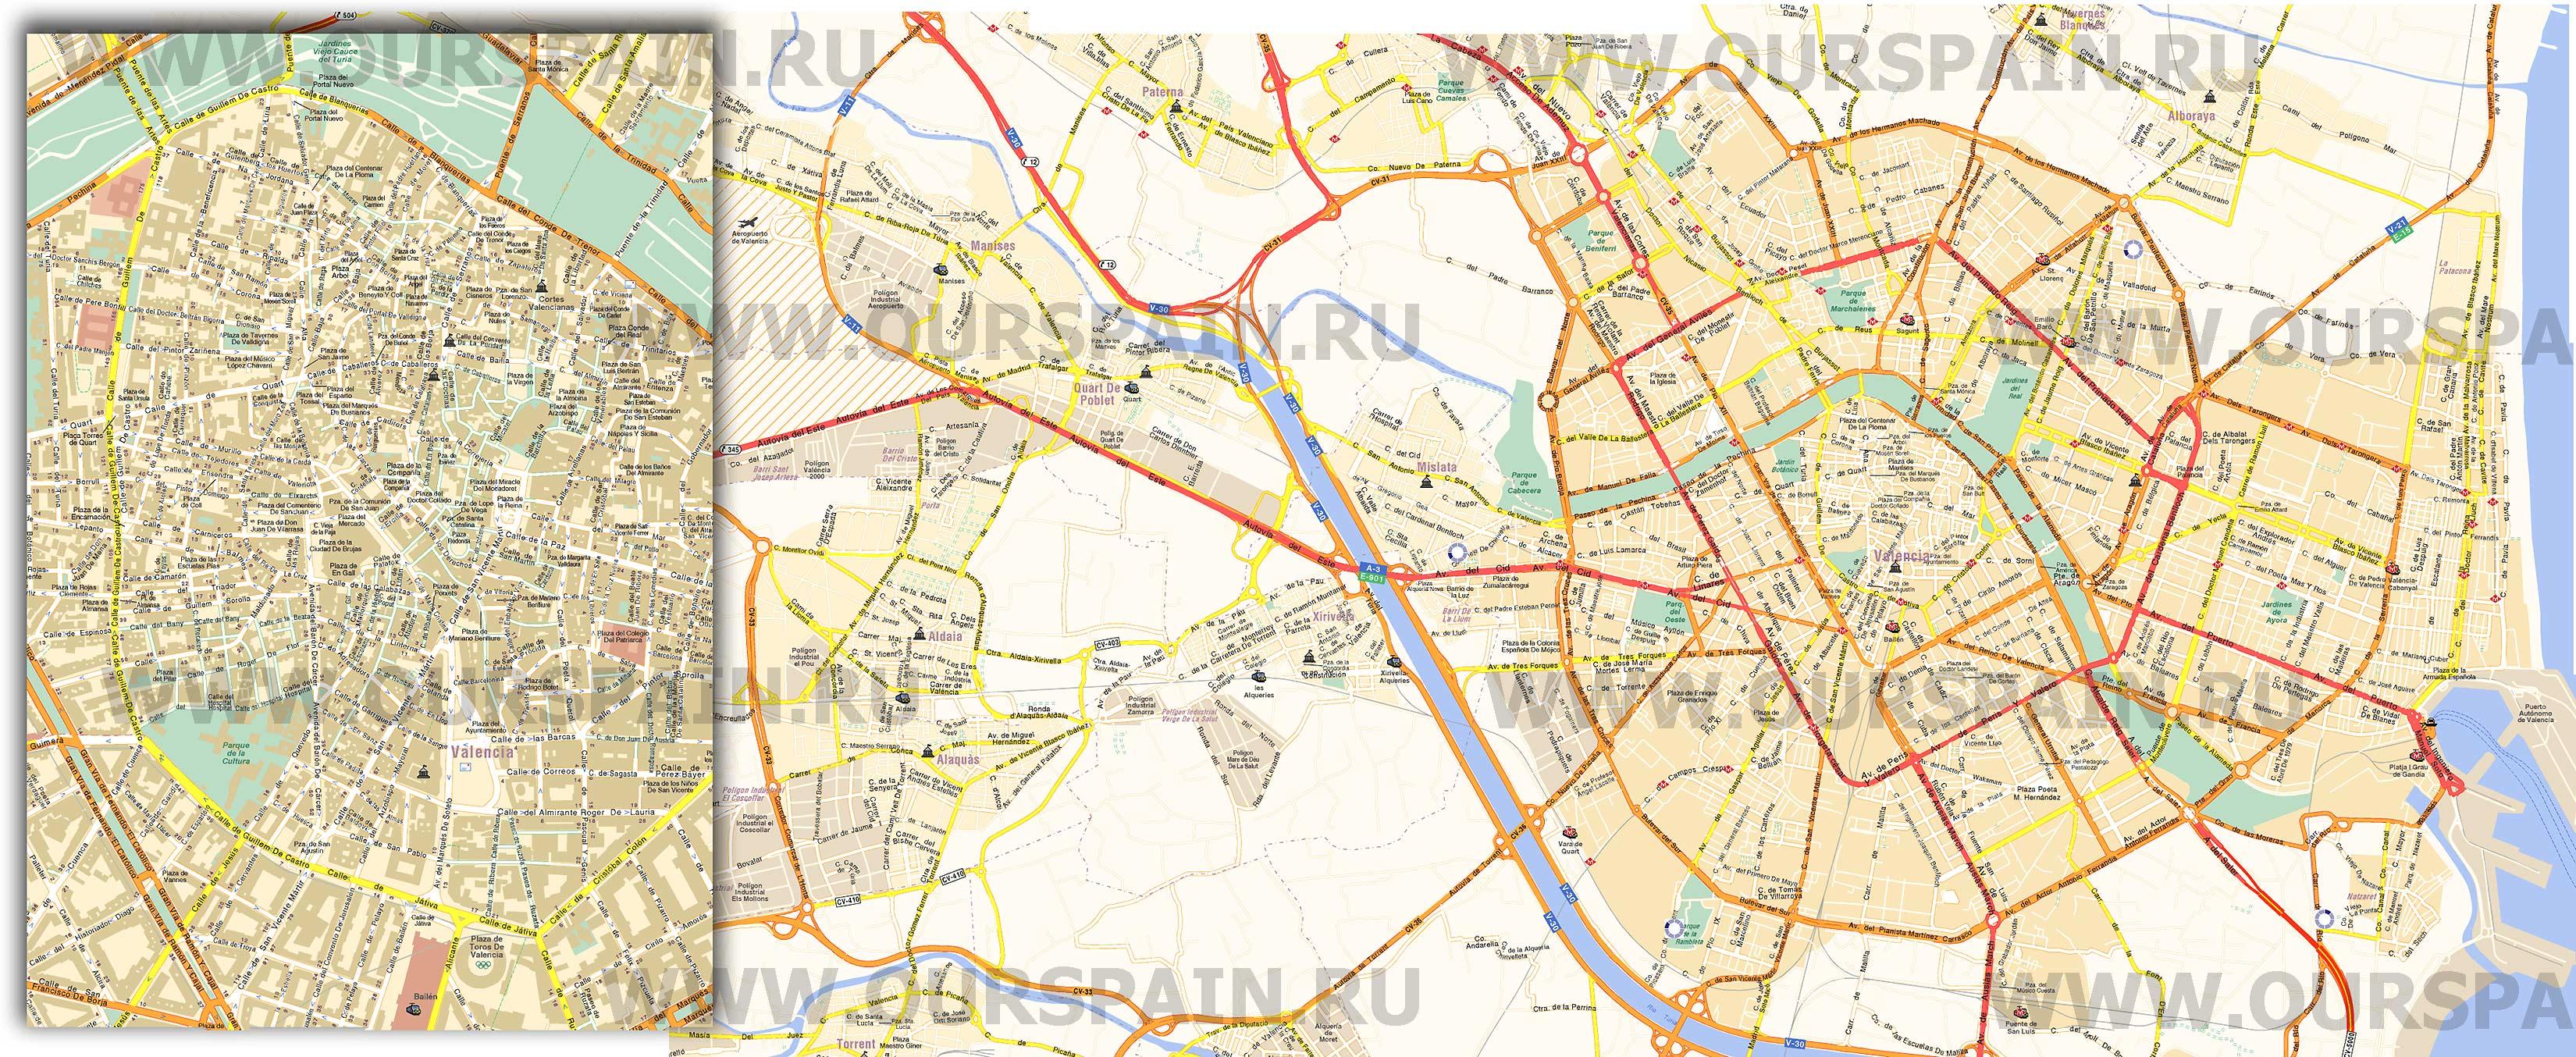 Валенсия - Карты городов - Наша Испания Валенсия Испания Карта